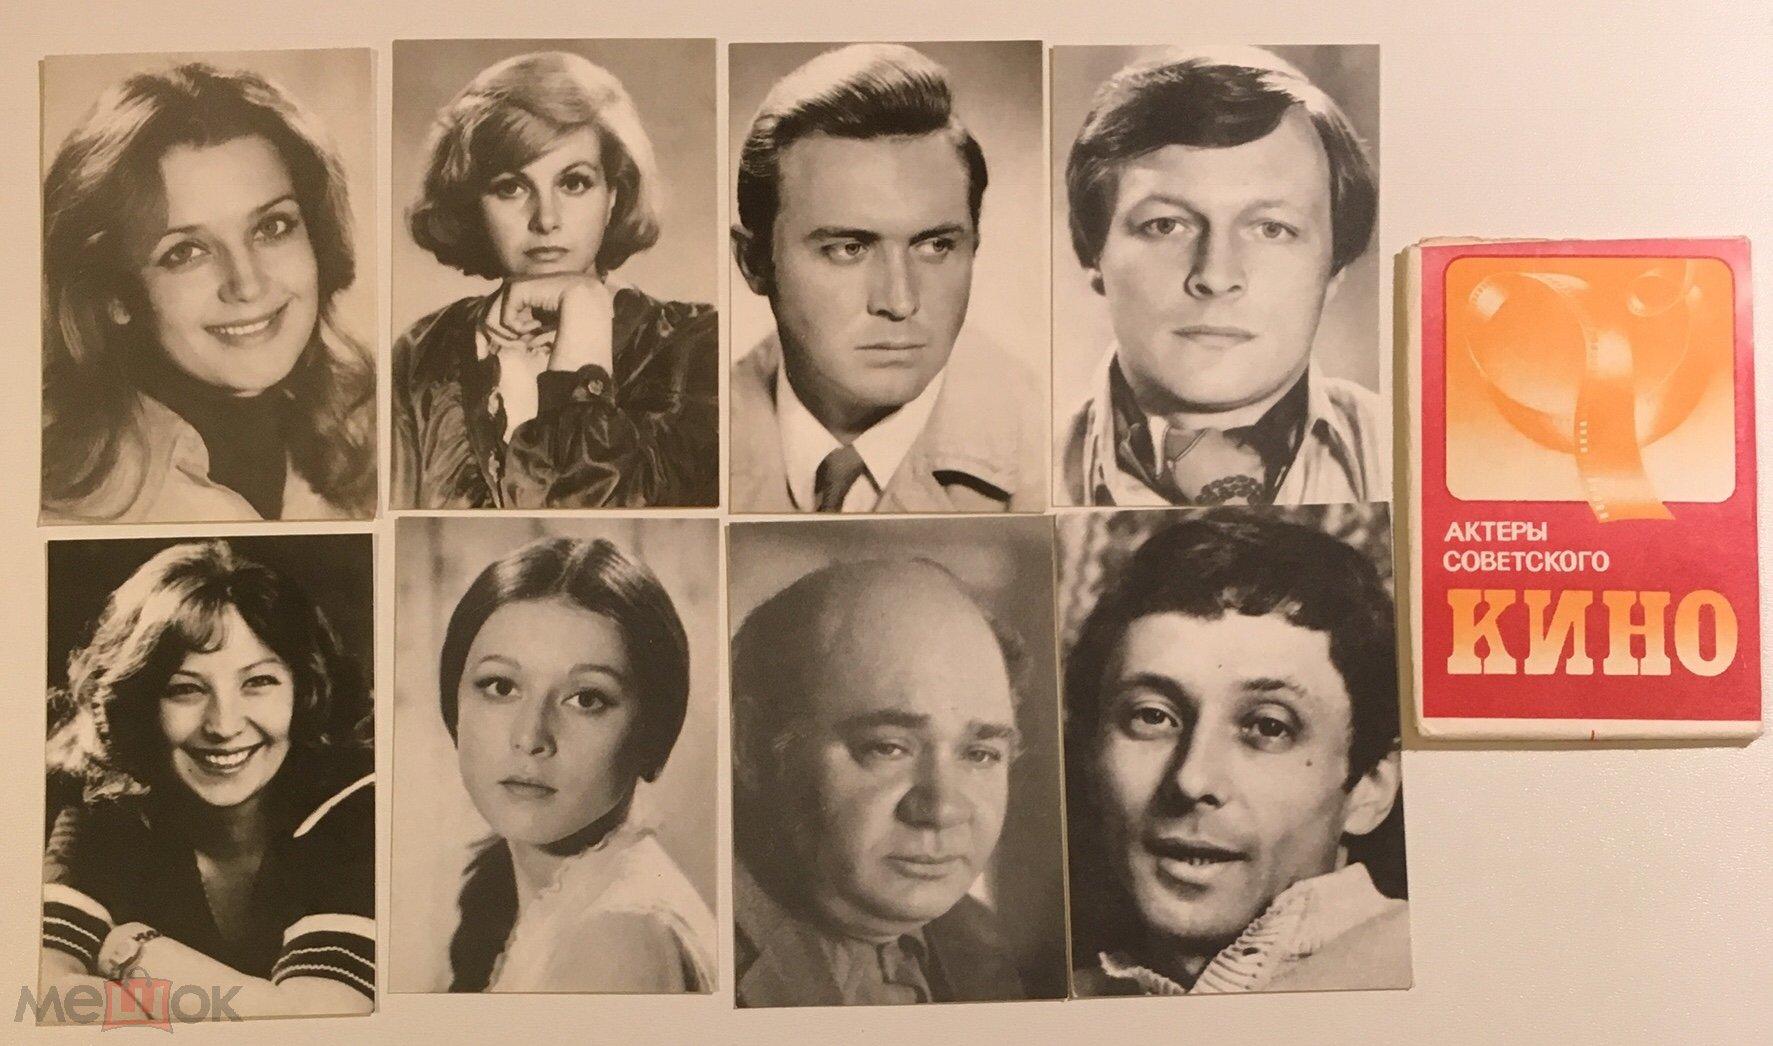 Коллекции нашего детства: открытки с актерами 71